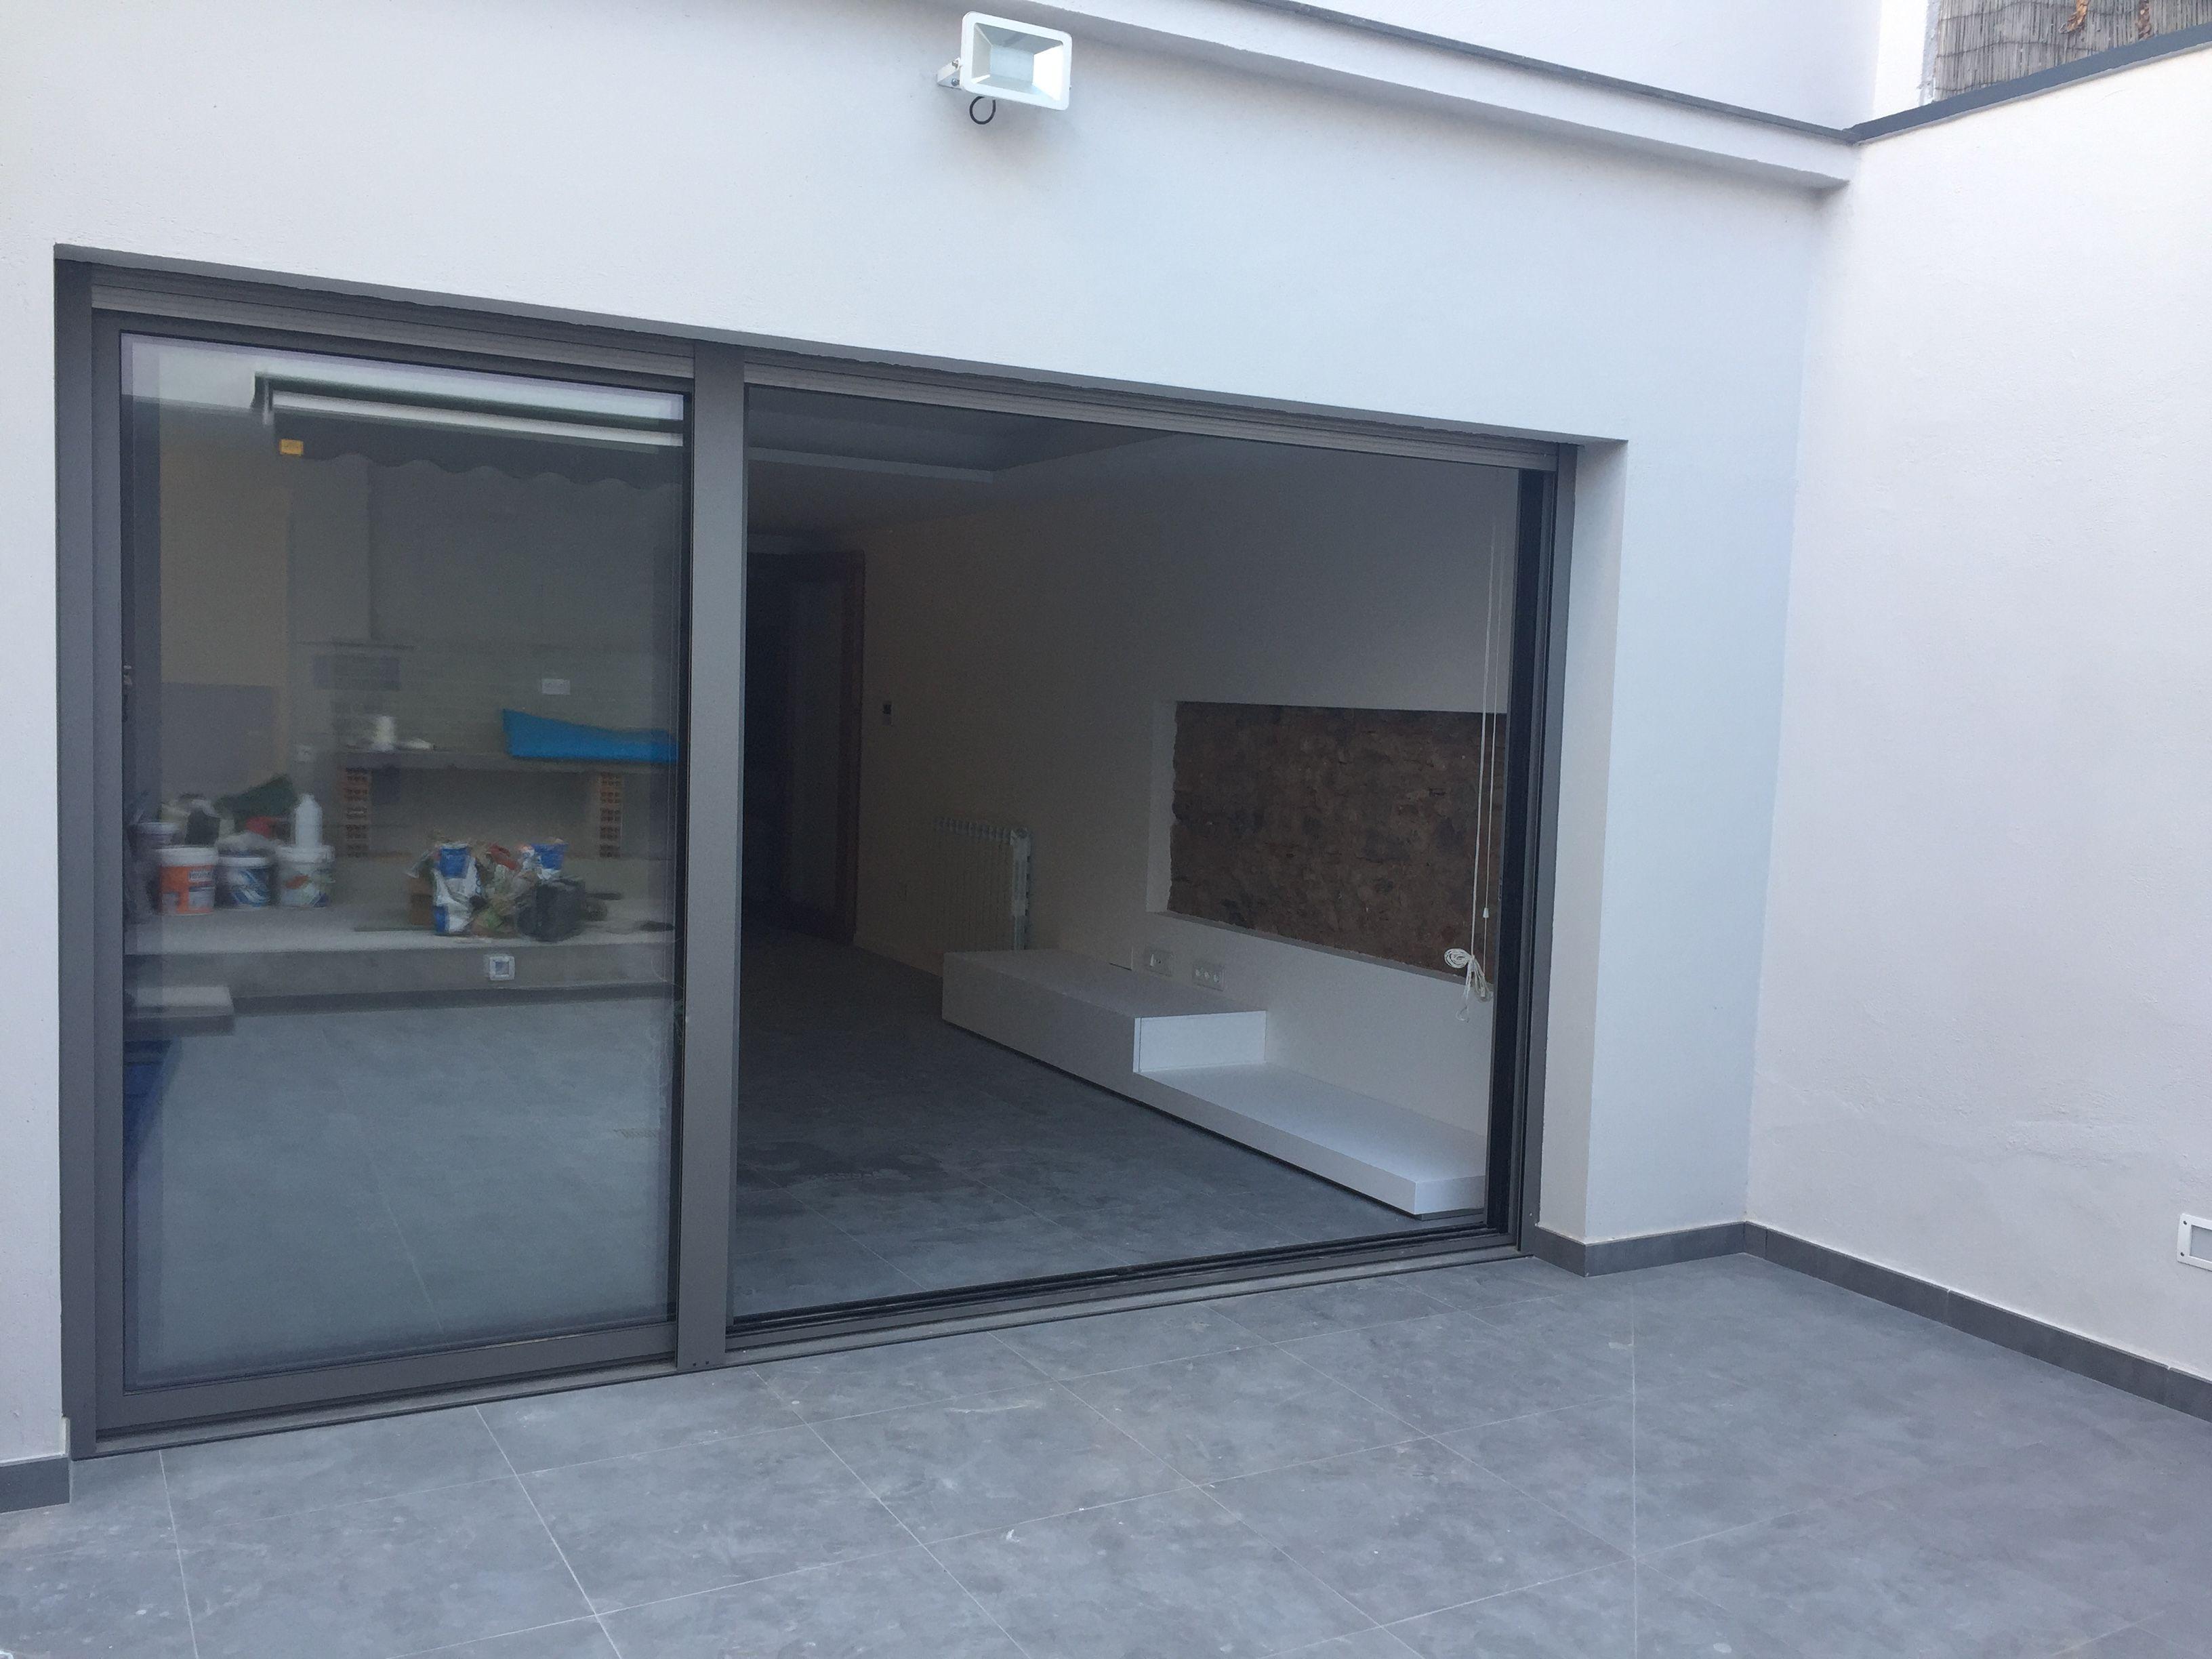 Foto 13 de Carpintería de aluminio, metálica y PVC en Terrassa | Tancaments Cusidó